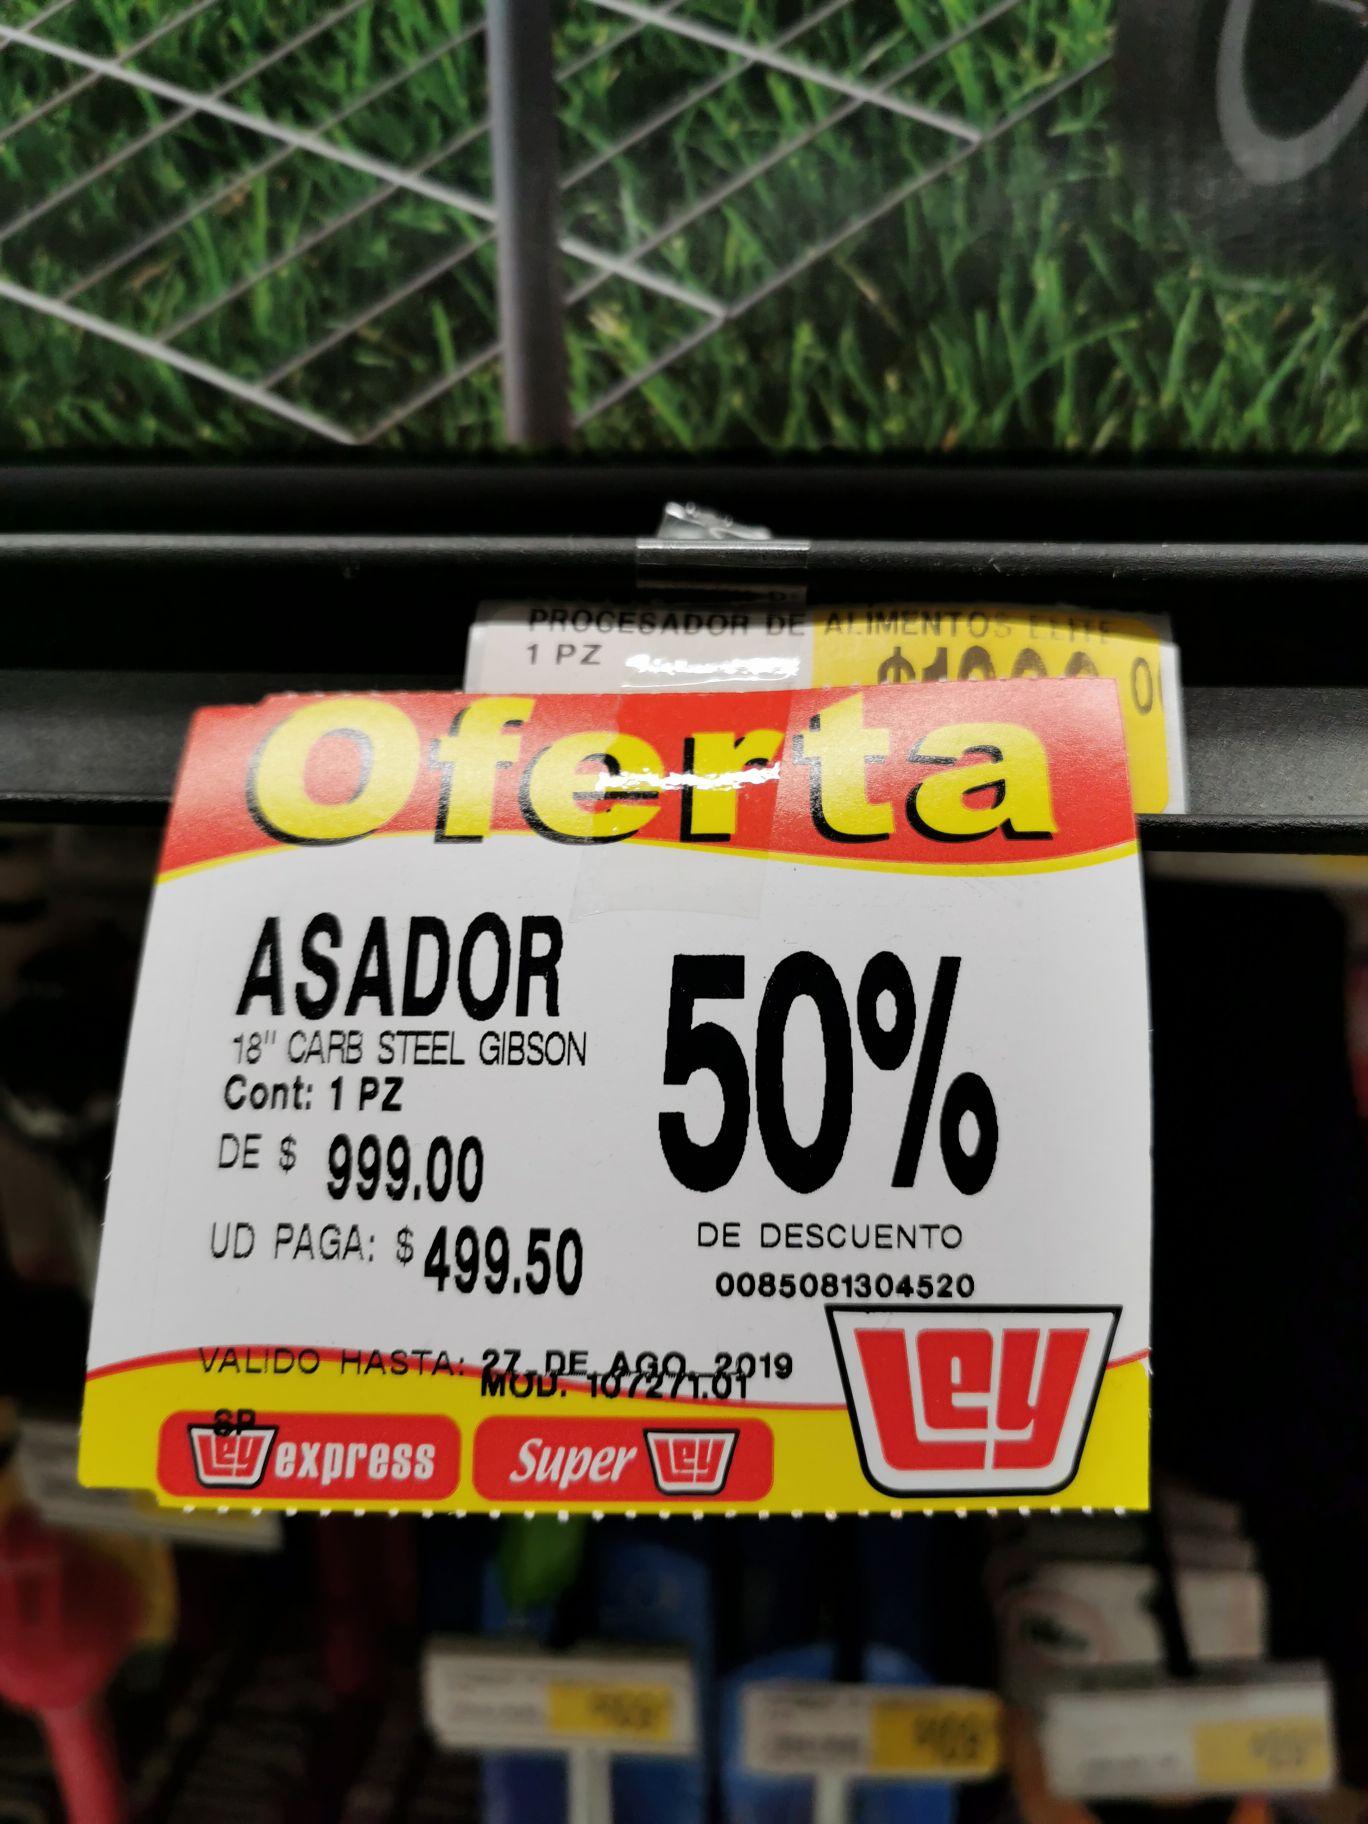 Casa Ley Culiacán: Asador Gibson 50% descuento